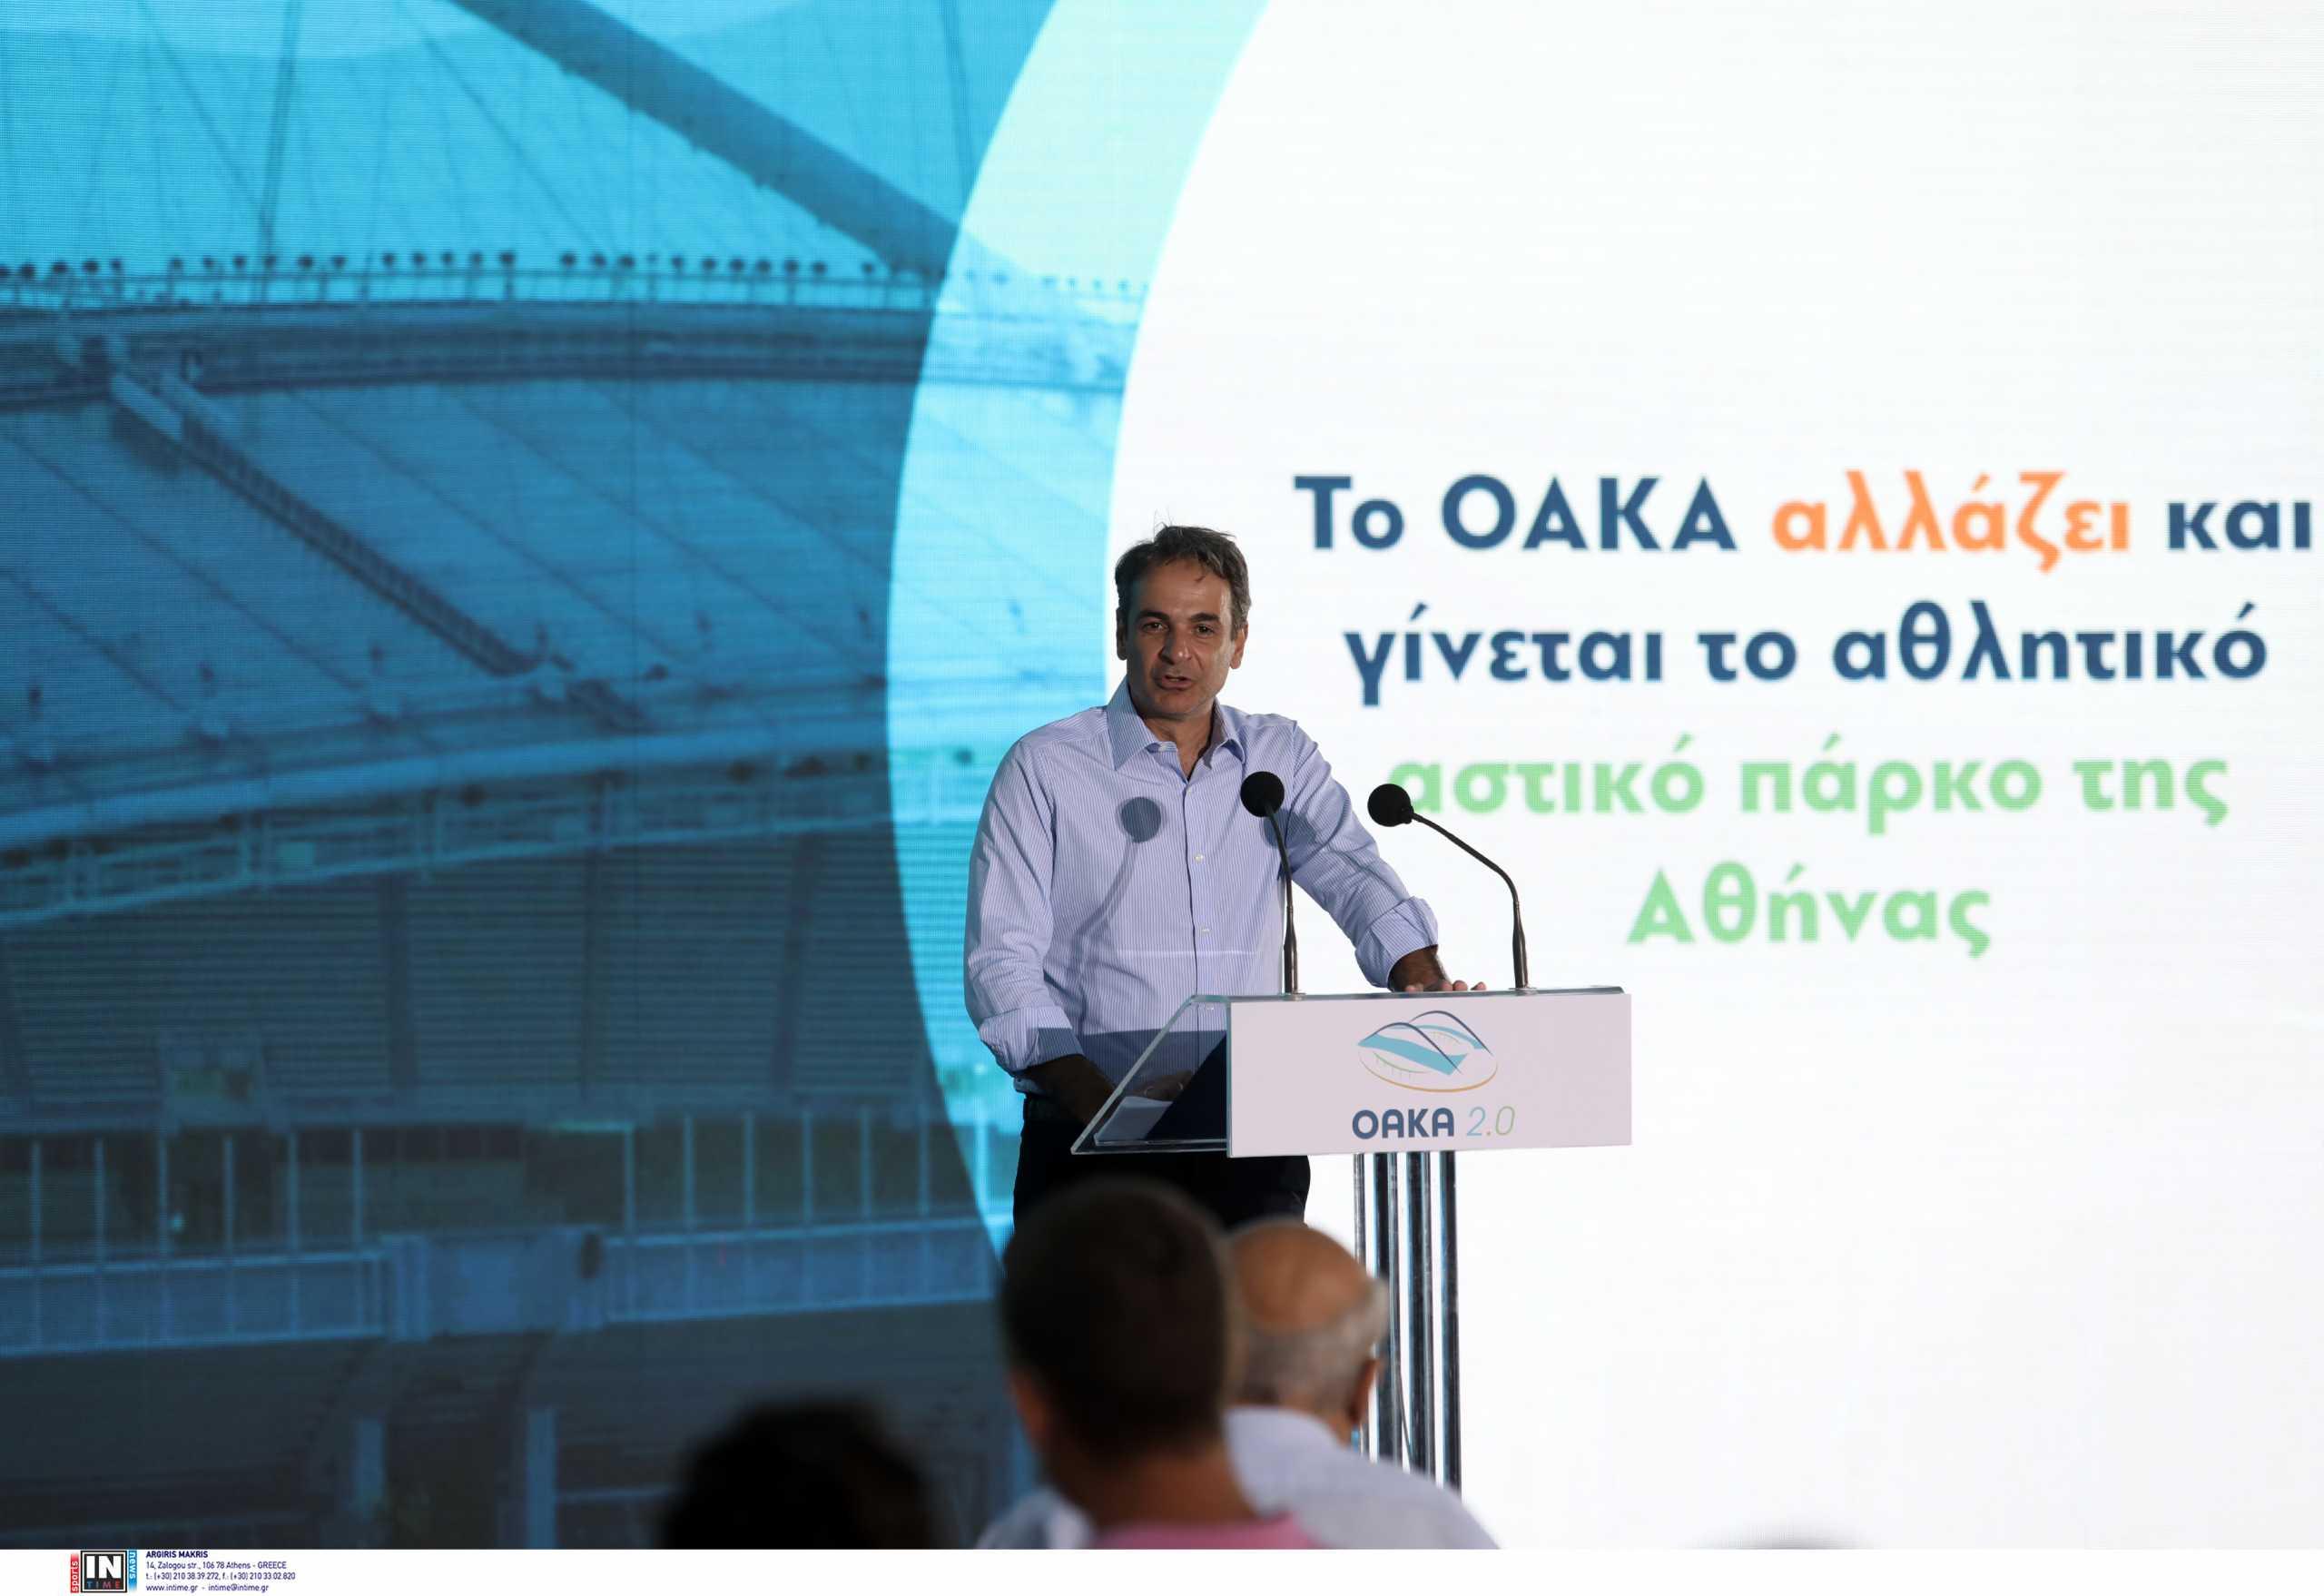 Κυριάκος Μητσοτάκης: «Το ΟΑΚΑ μετατρέπεται πια σε Ολυμπιακό Πάρκο της Αθήνας»